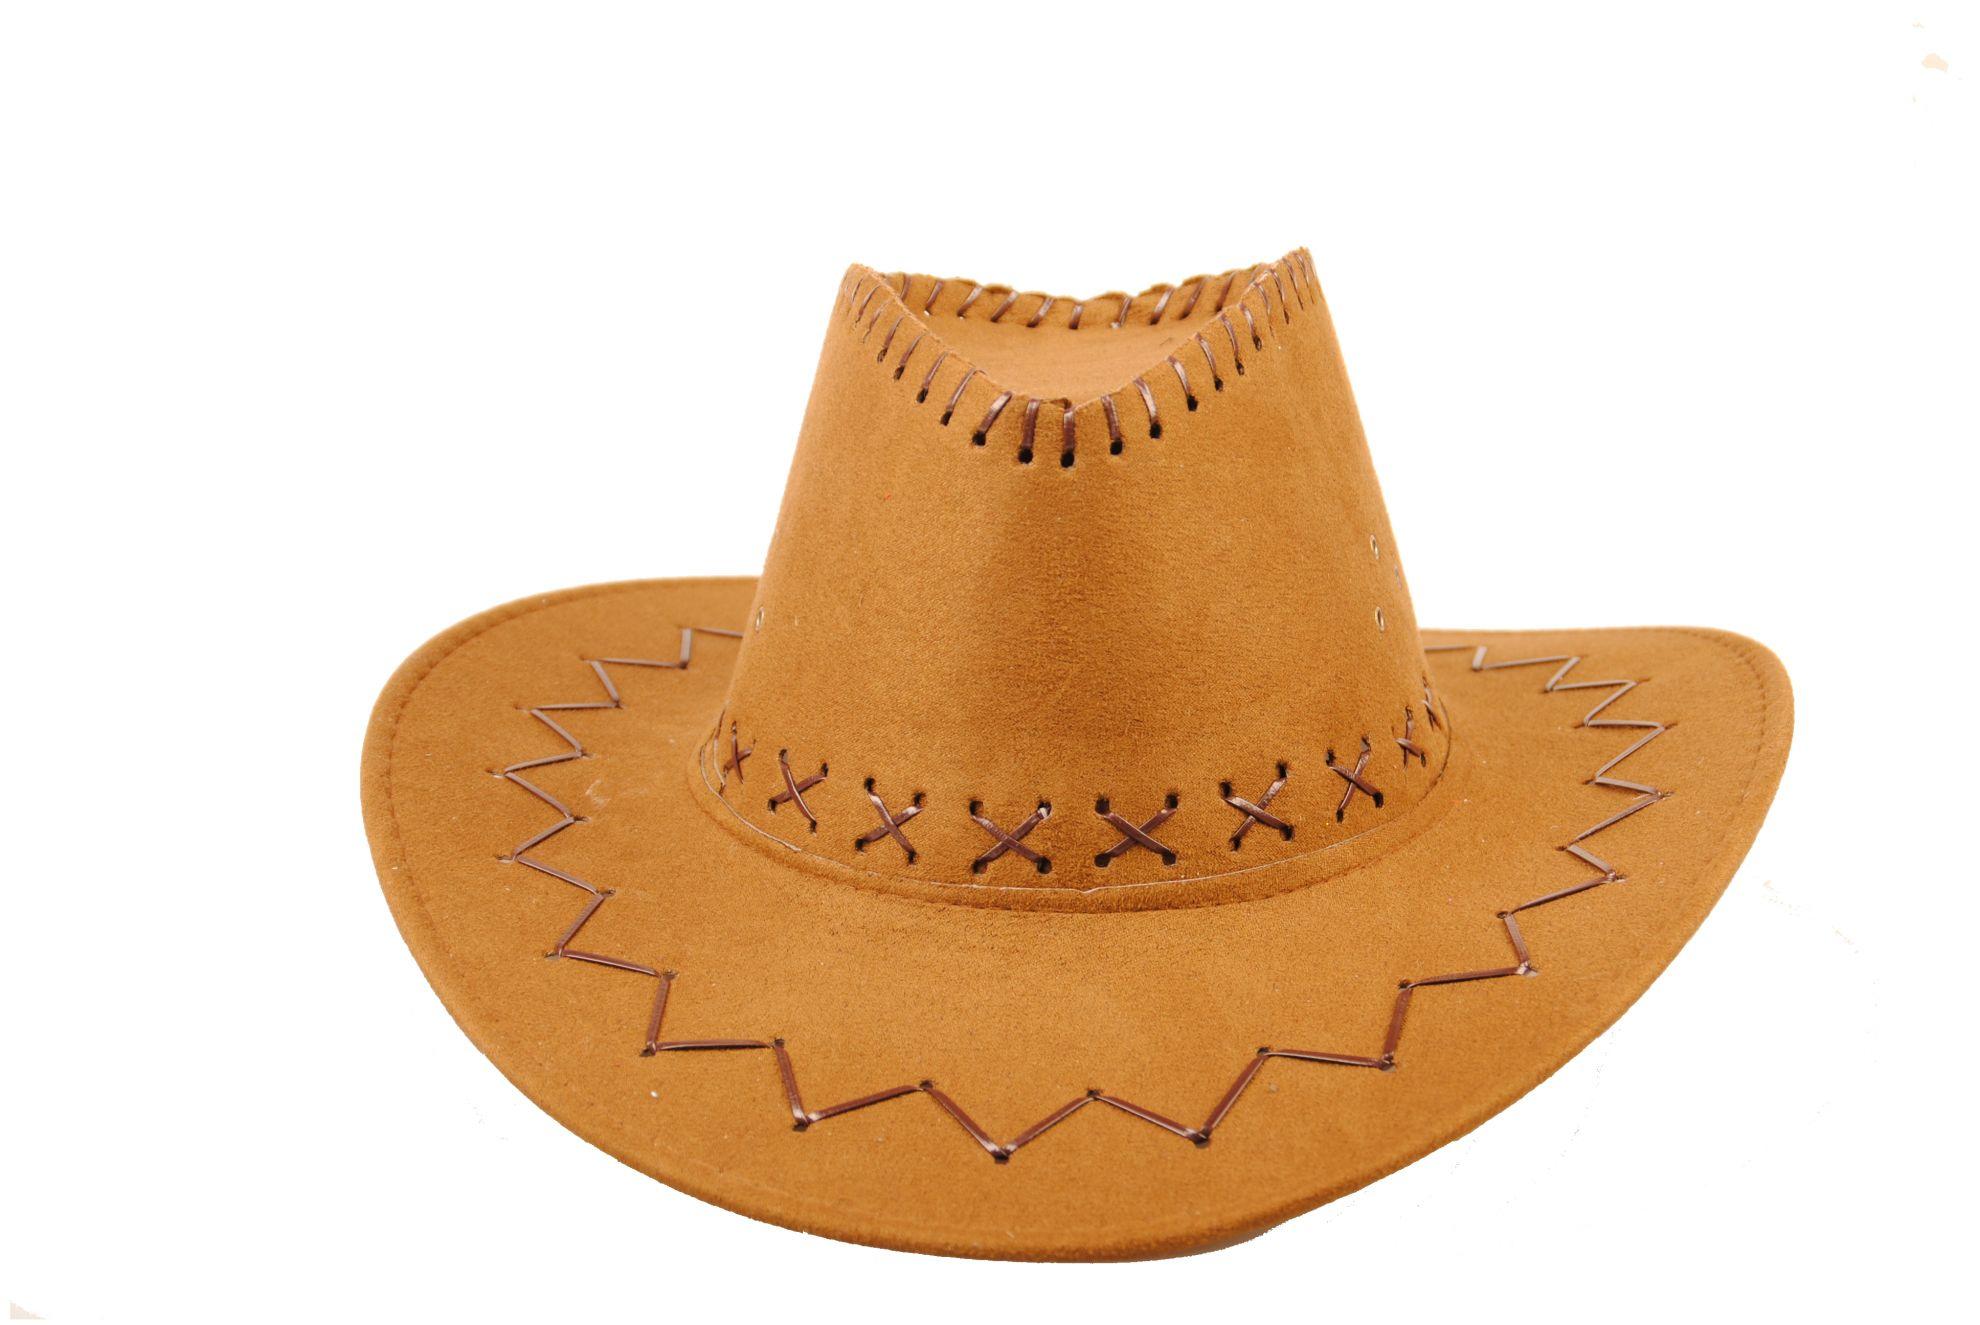 купить шляпу ковбоя в москве стоит покупать аэрохоккей